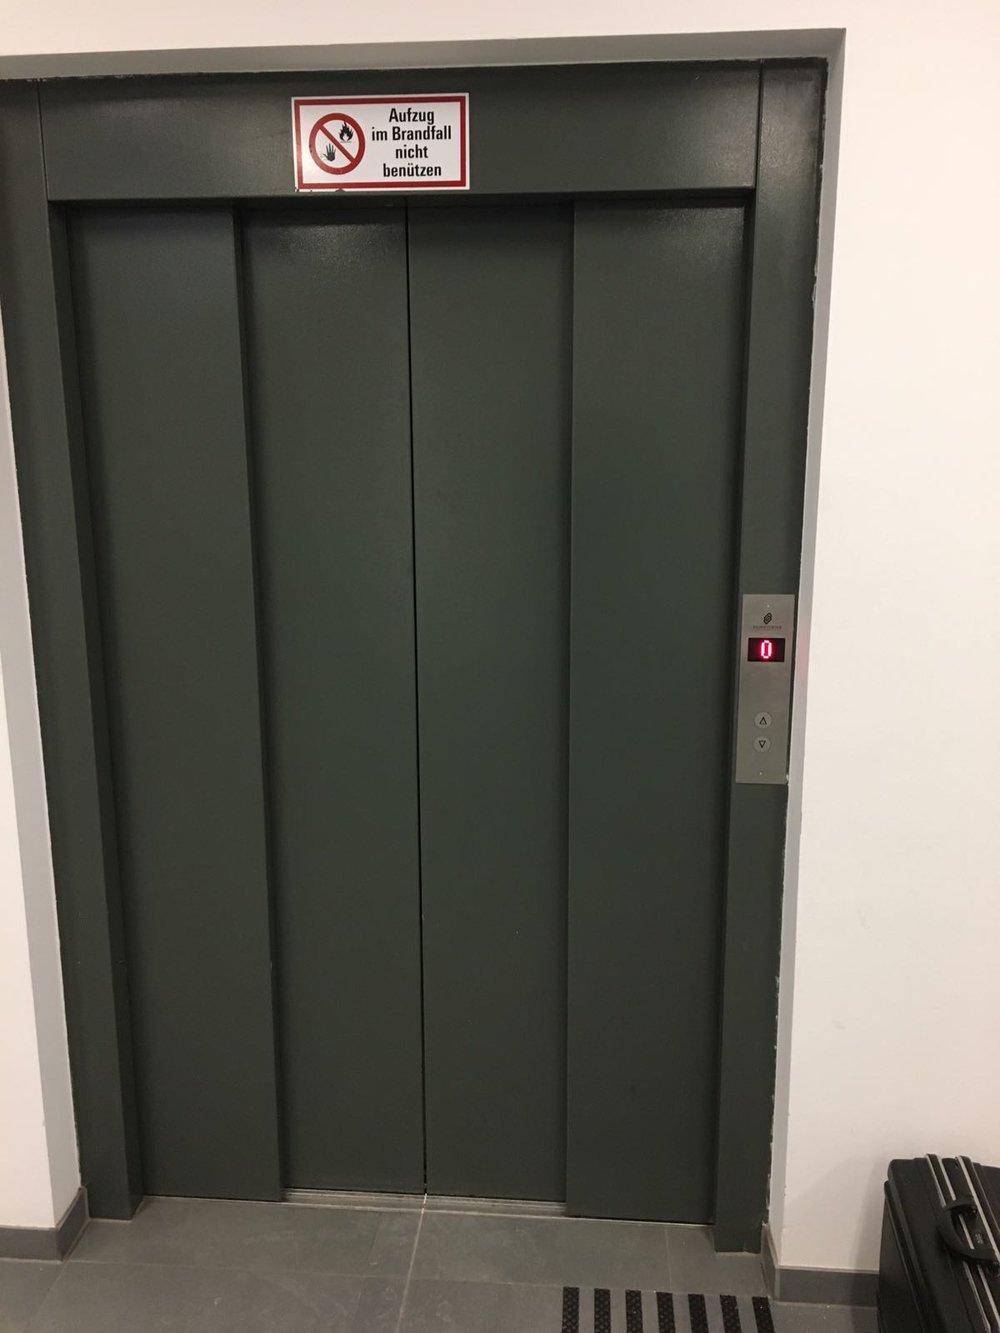 Bezirksgericht Vöcklabruck (3).jpg